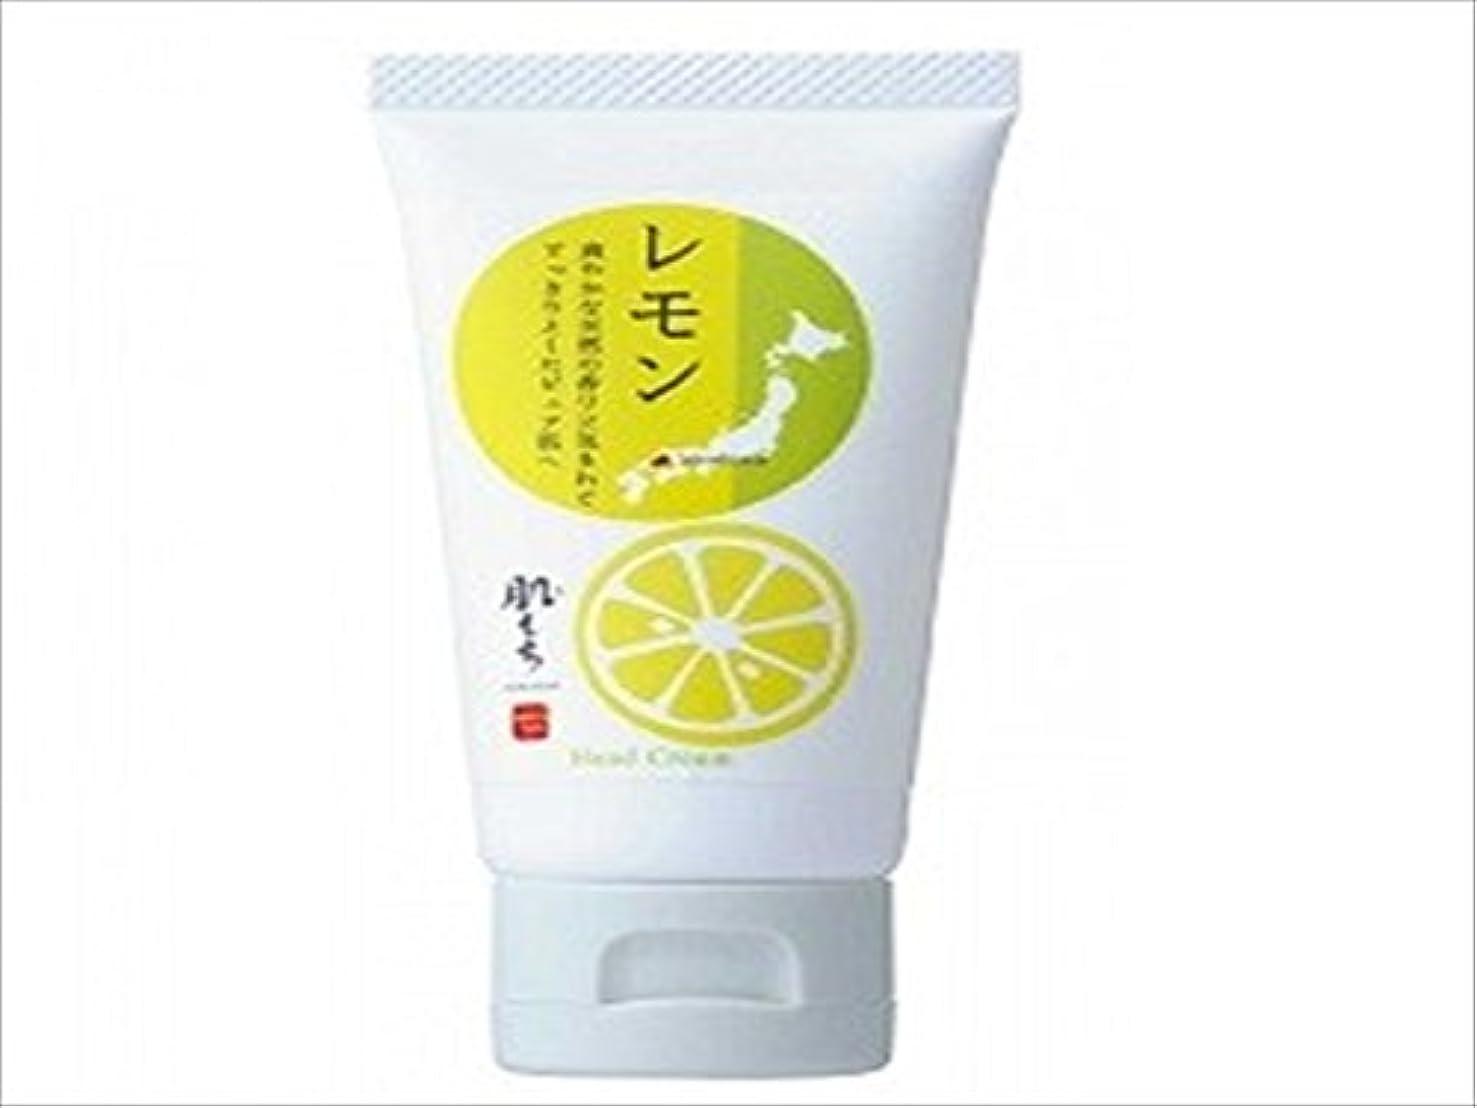 バース鬼ごっこ綺麗な肌もちKIMOCHIハンドクリームレモン 50g